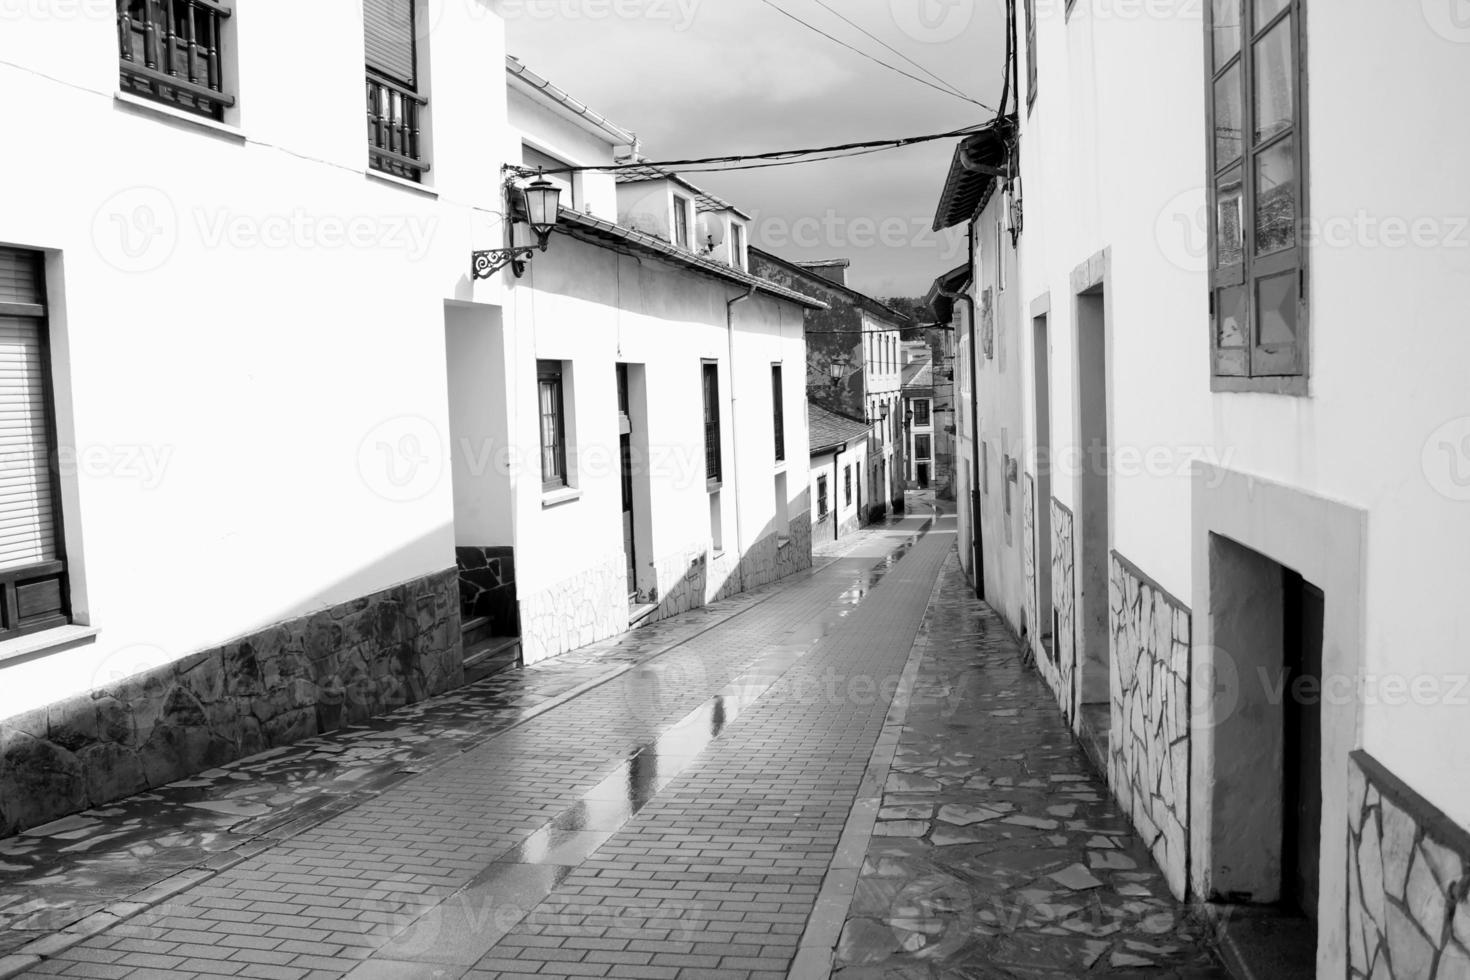 straten van een stad in asturië, spanje foto